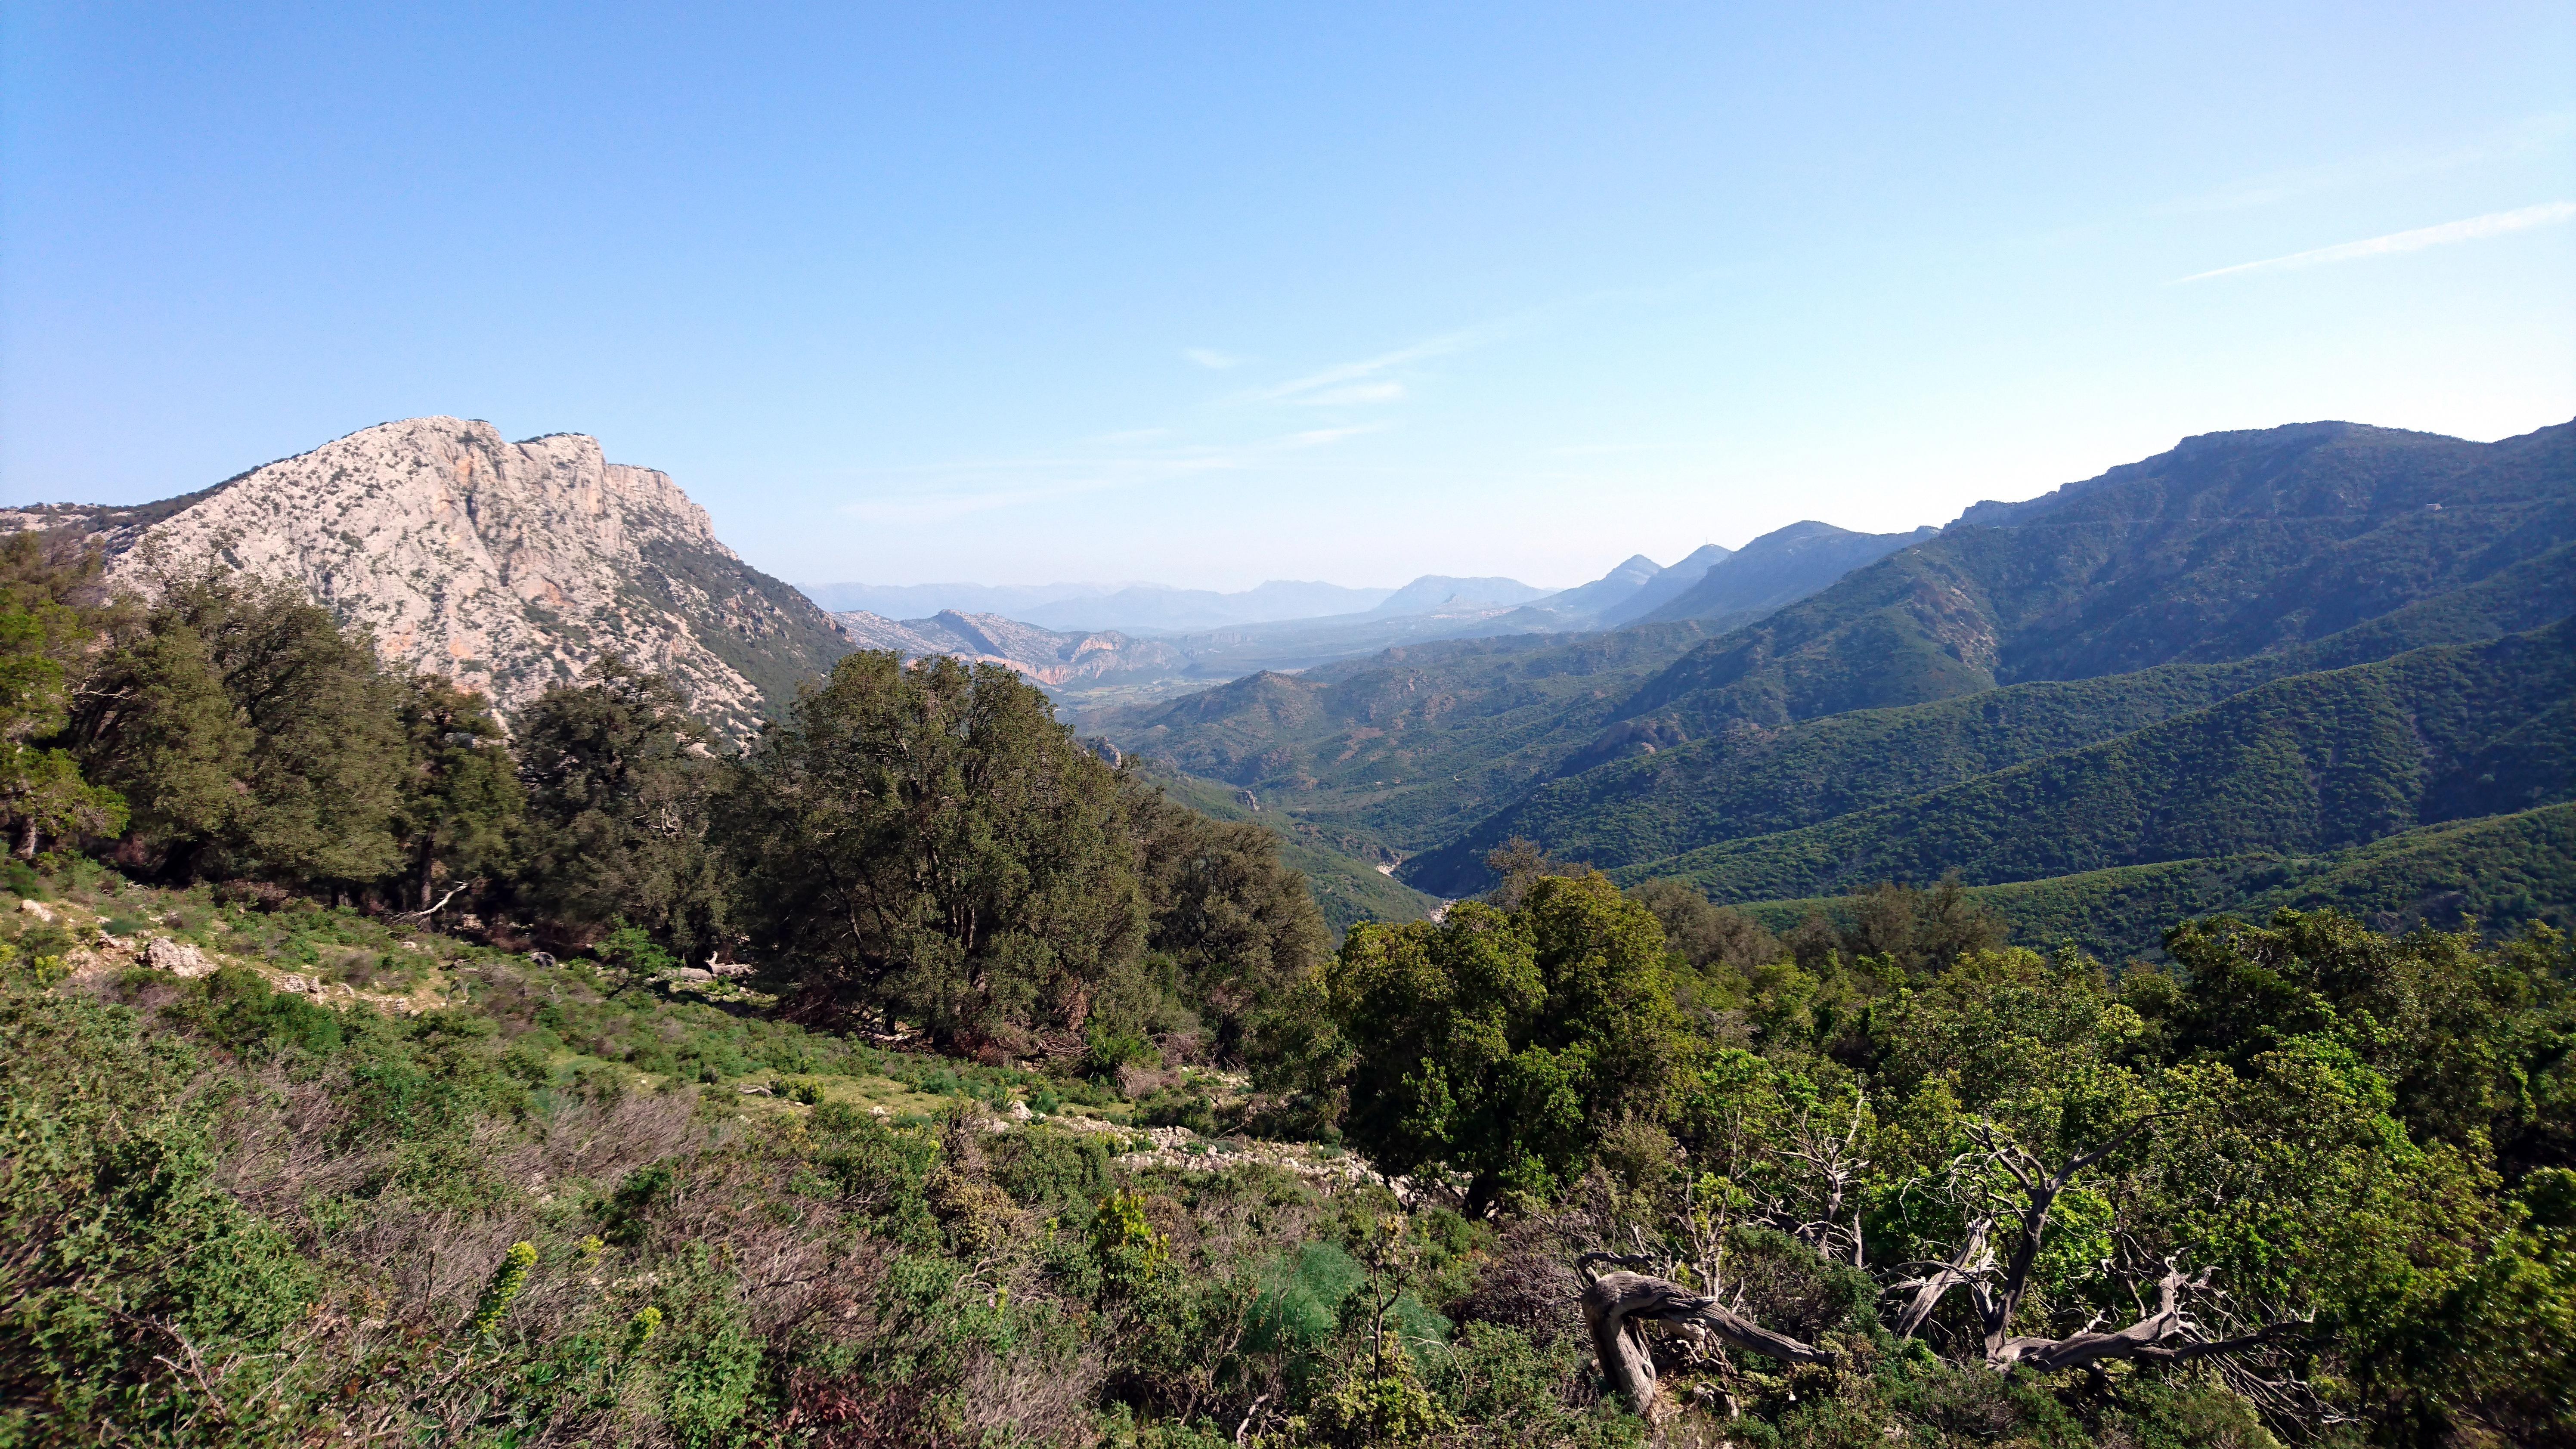 la vista lungo la Valle dell'Oddeone: a destra la cresta del monte Oddeu